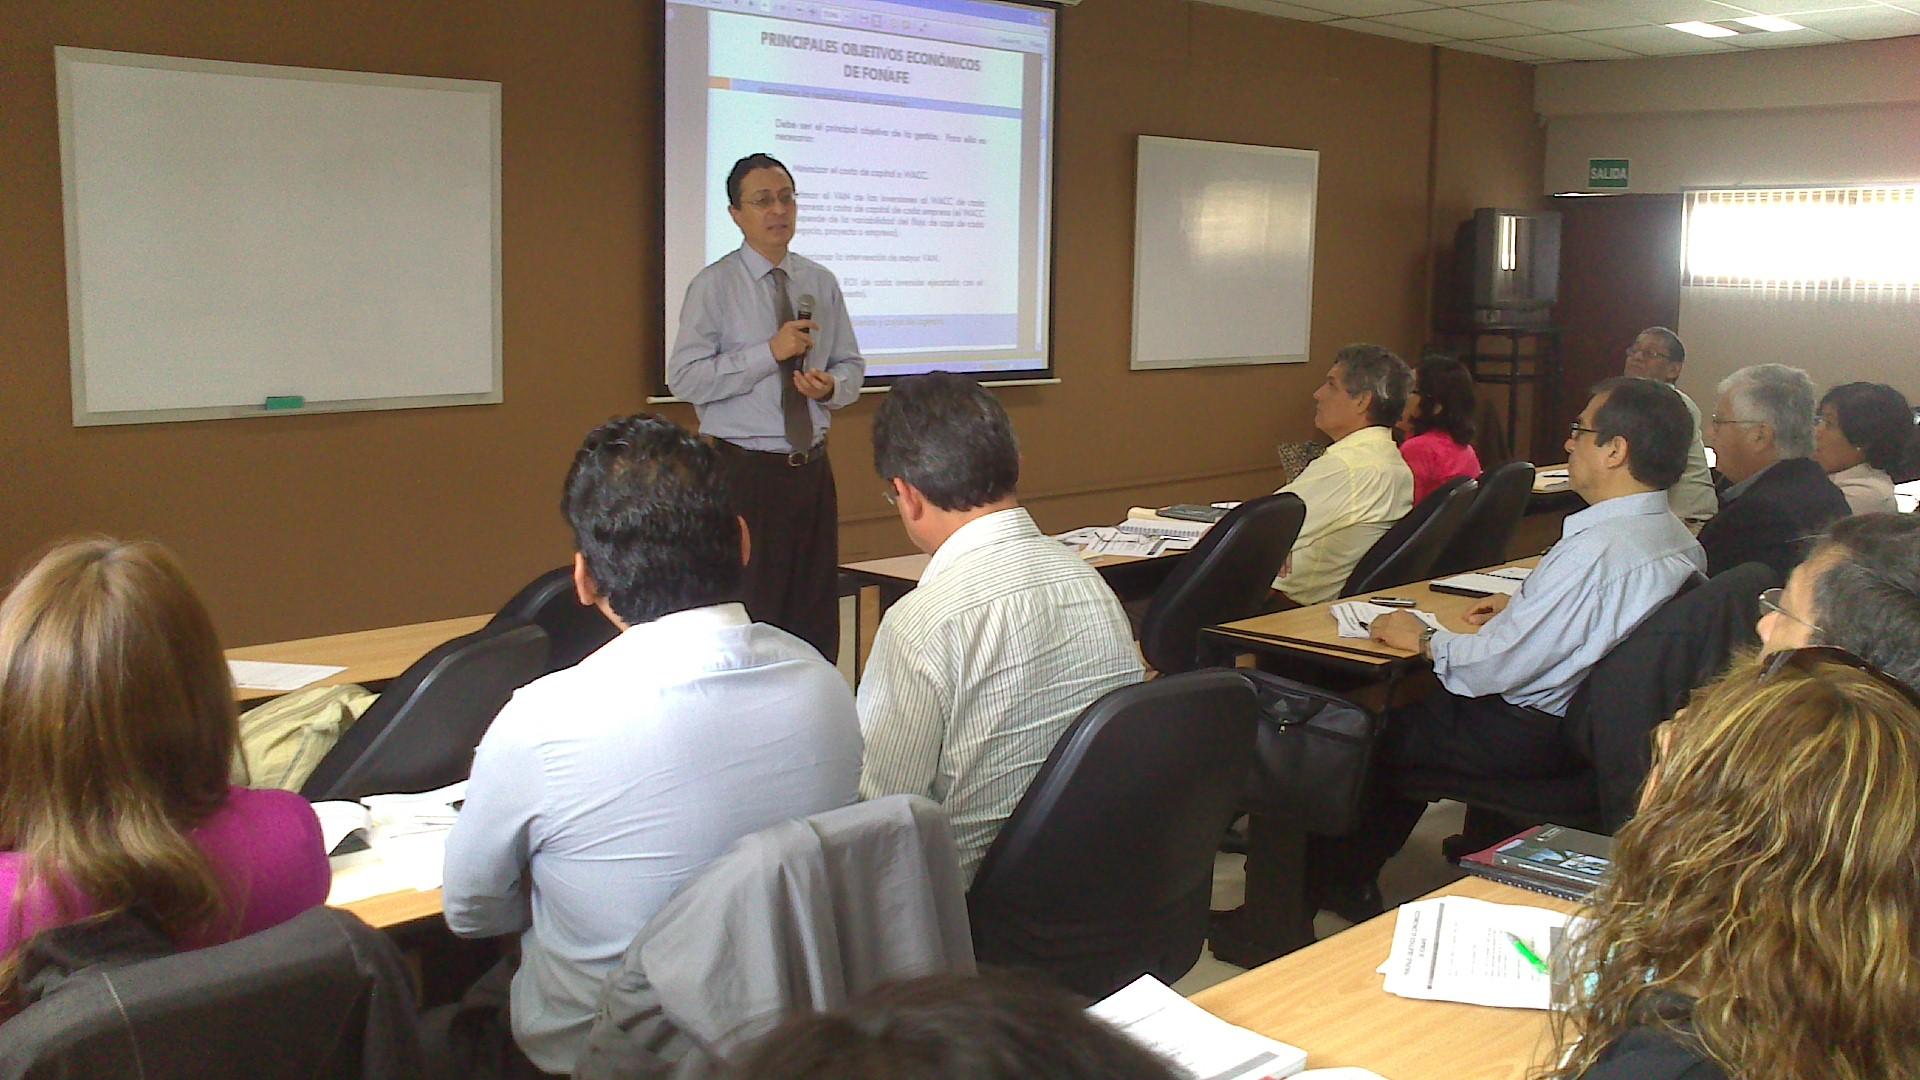 El profesor Arturo Barra expone sobre la regulación legal de la empresa pública peruana.